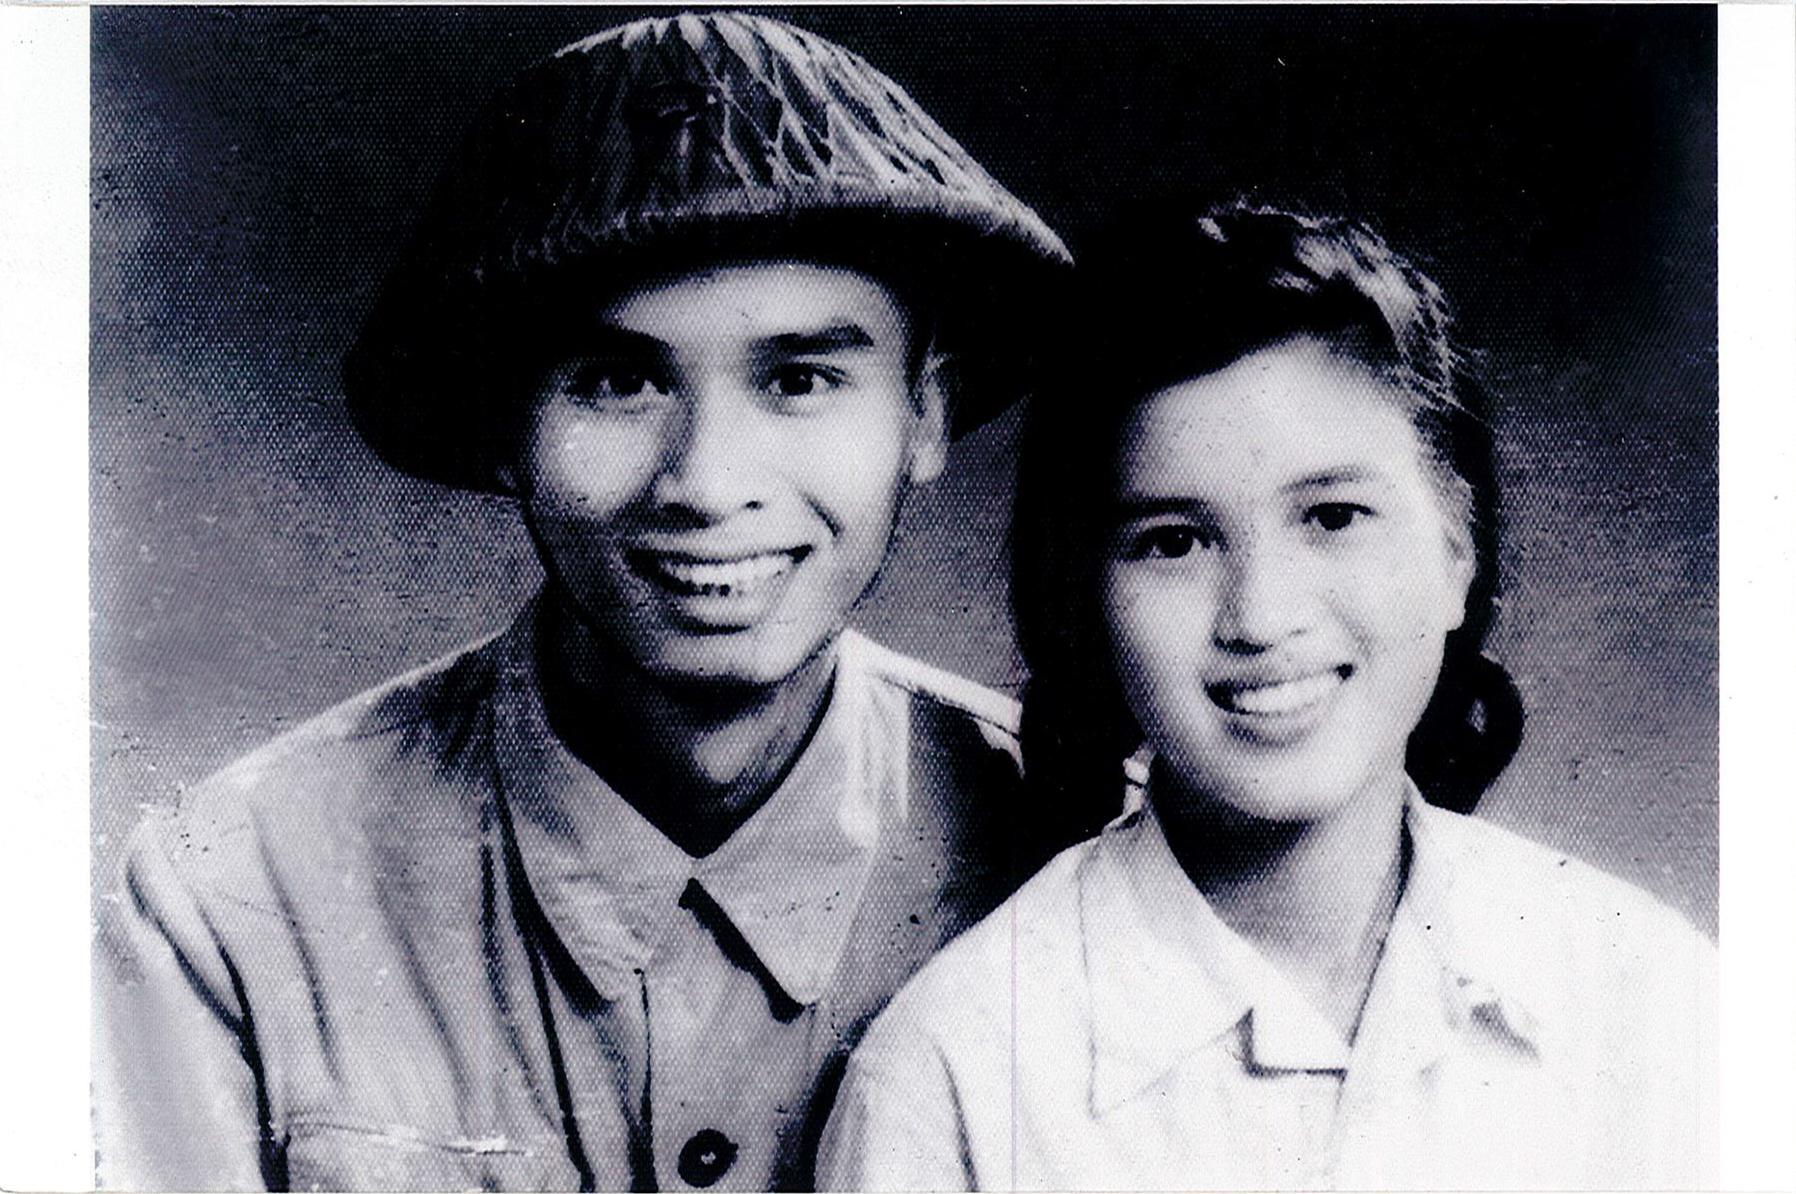 3-Ảnh ông bà Hoan - Đại chụp trong kháng chiến chống Pháp, khi ông là Vua quân y